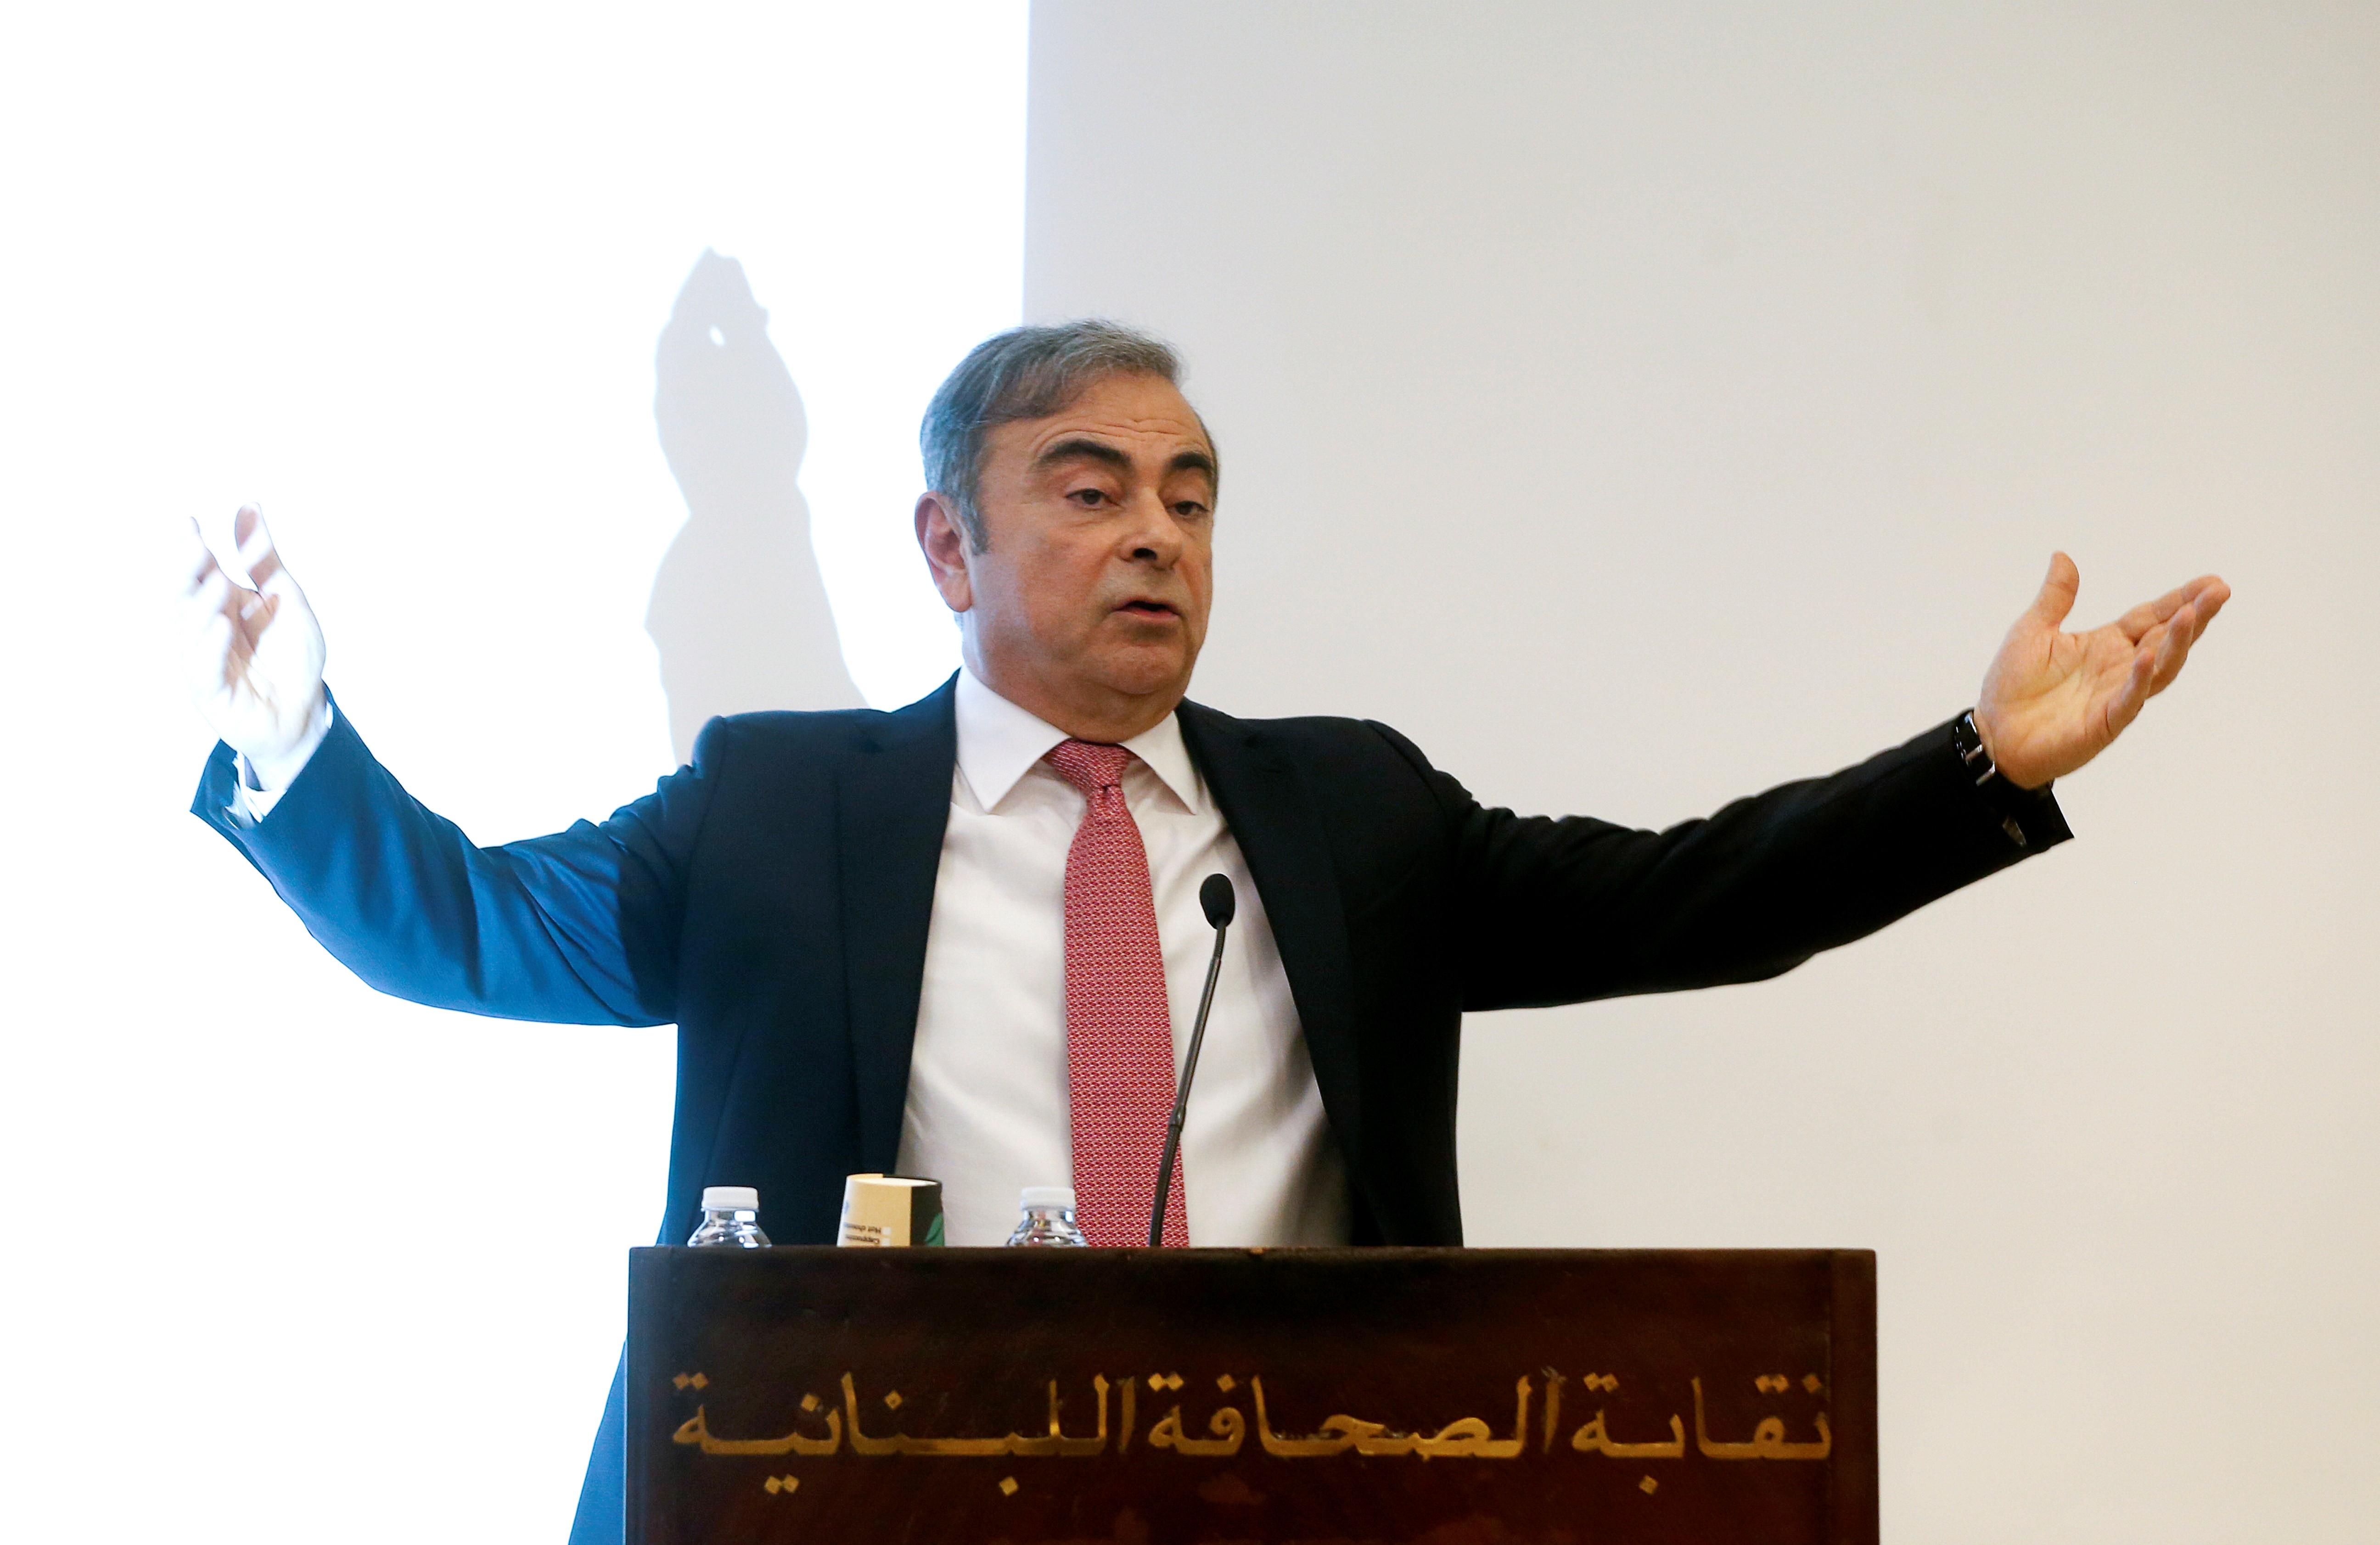 Ghosn pede pensão à Renault, alegando que carta de renúncia não tem validade, diz jornal thumbnail